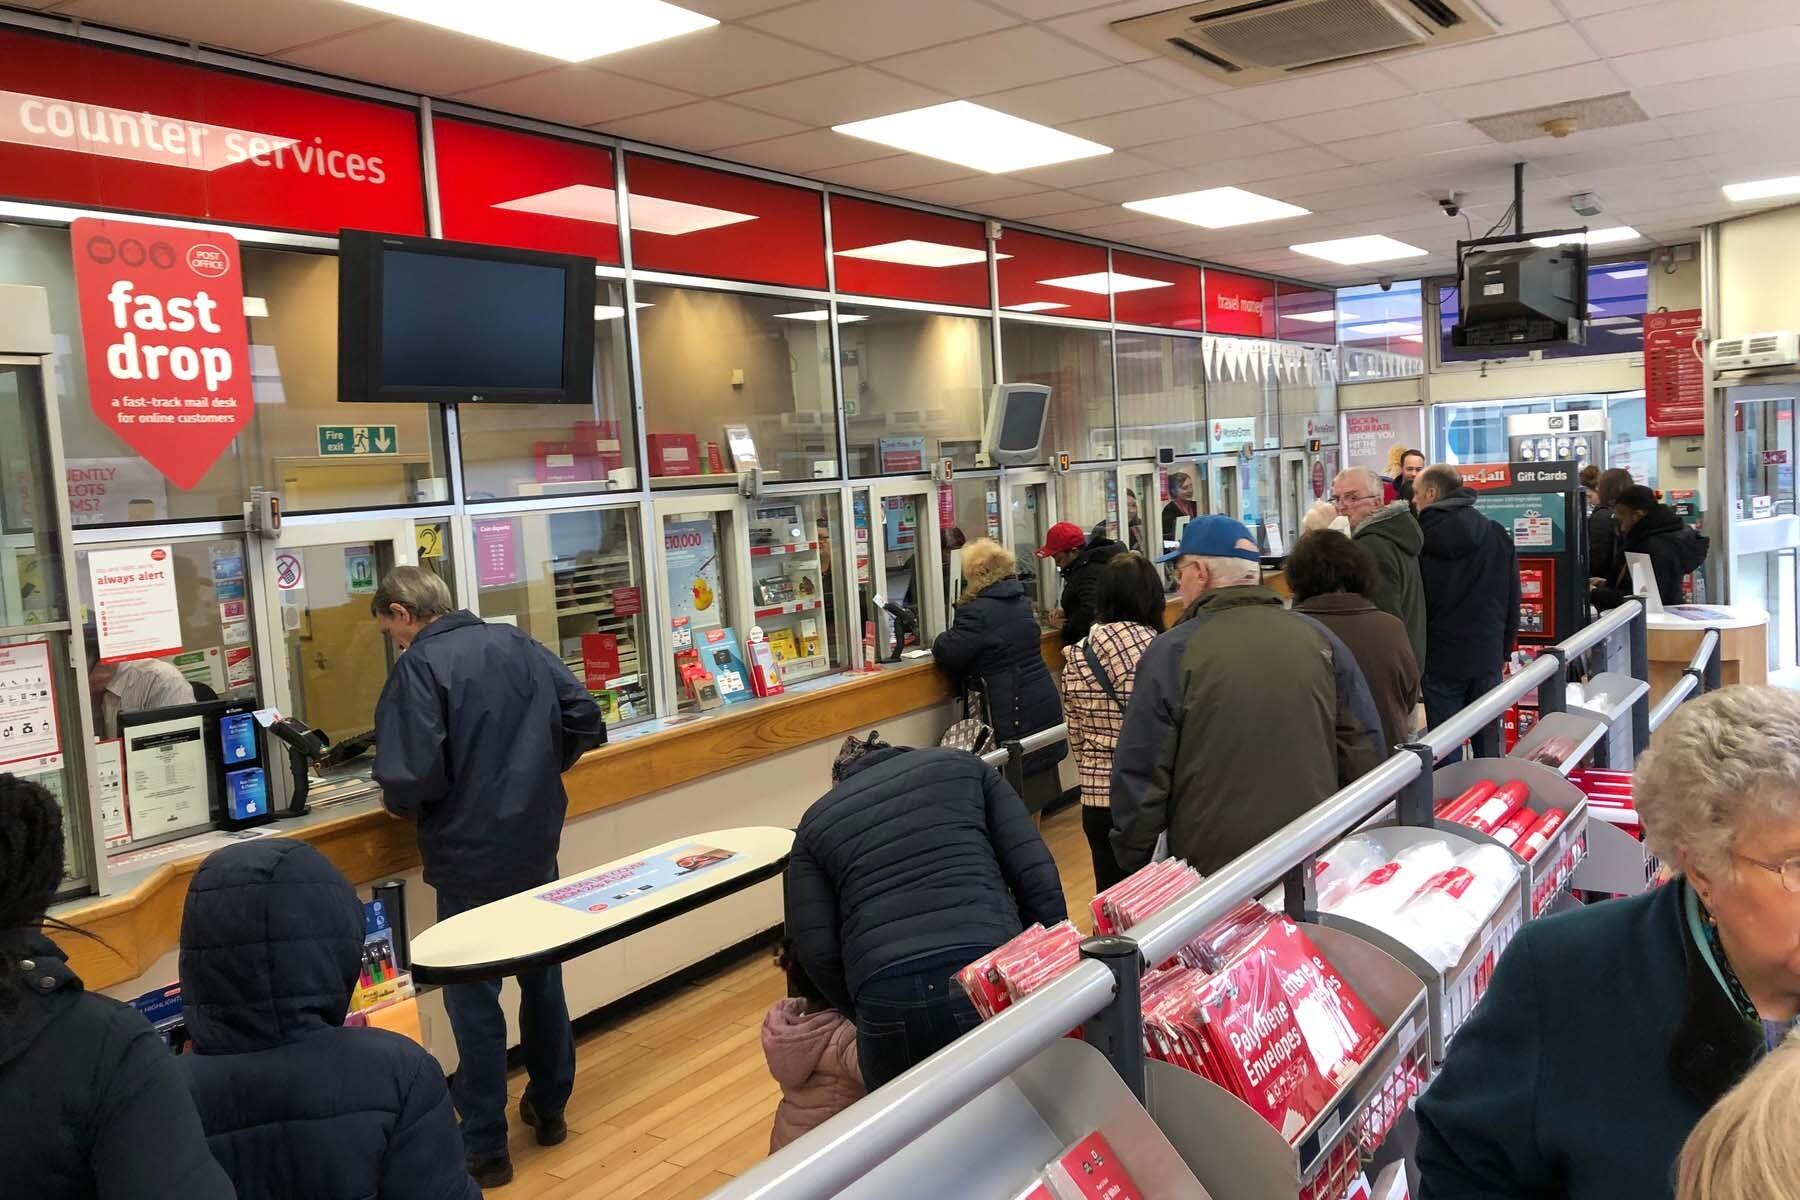 inside uk post office